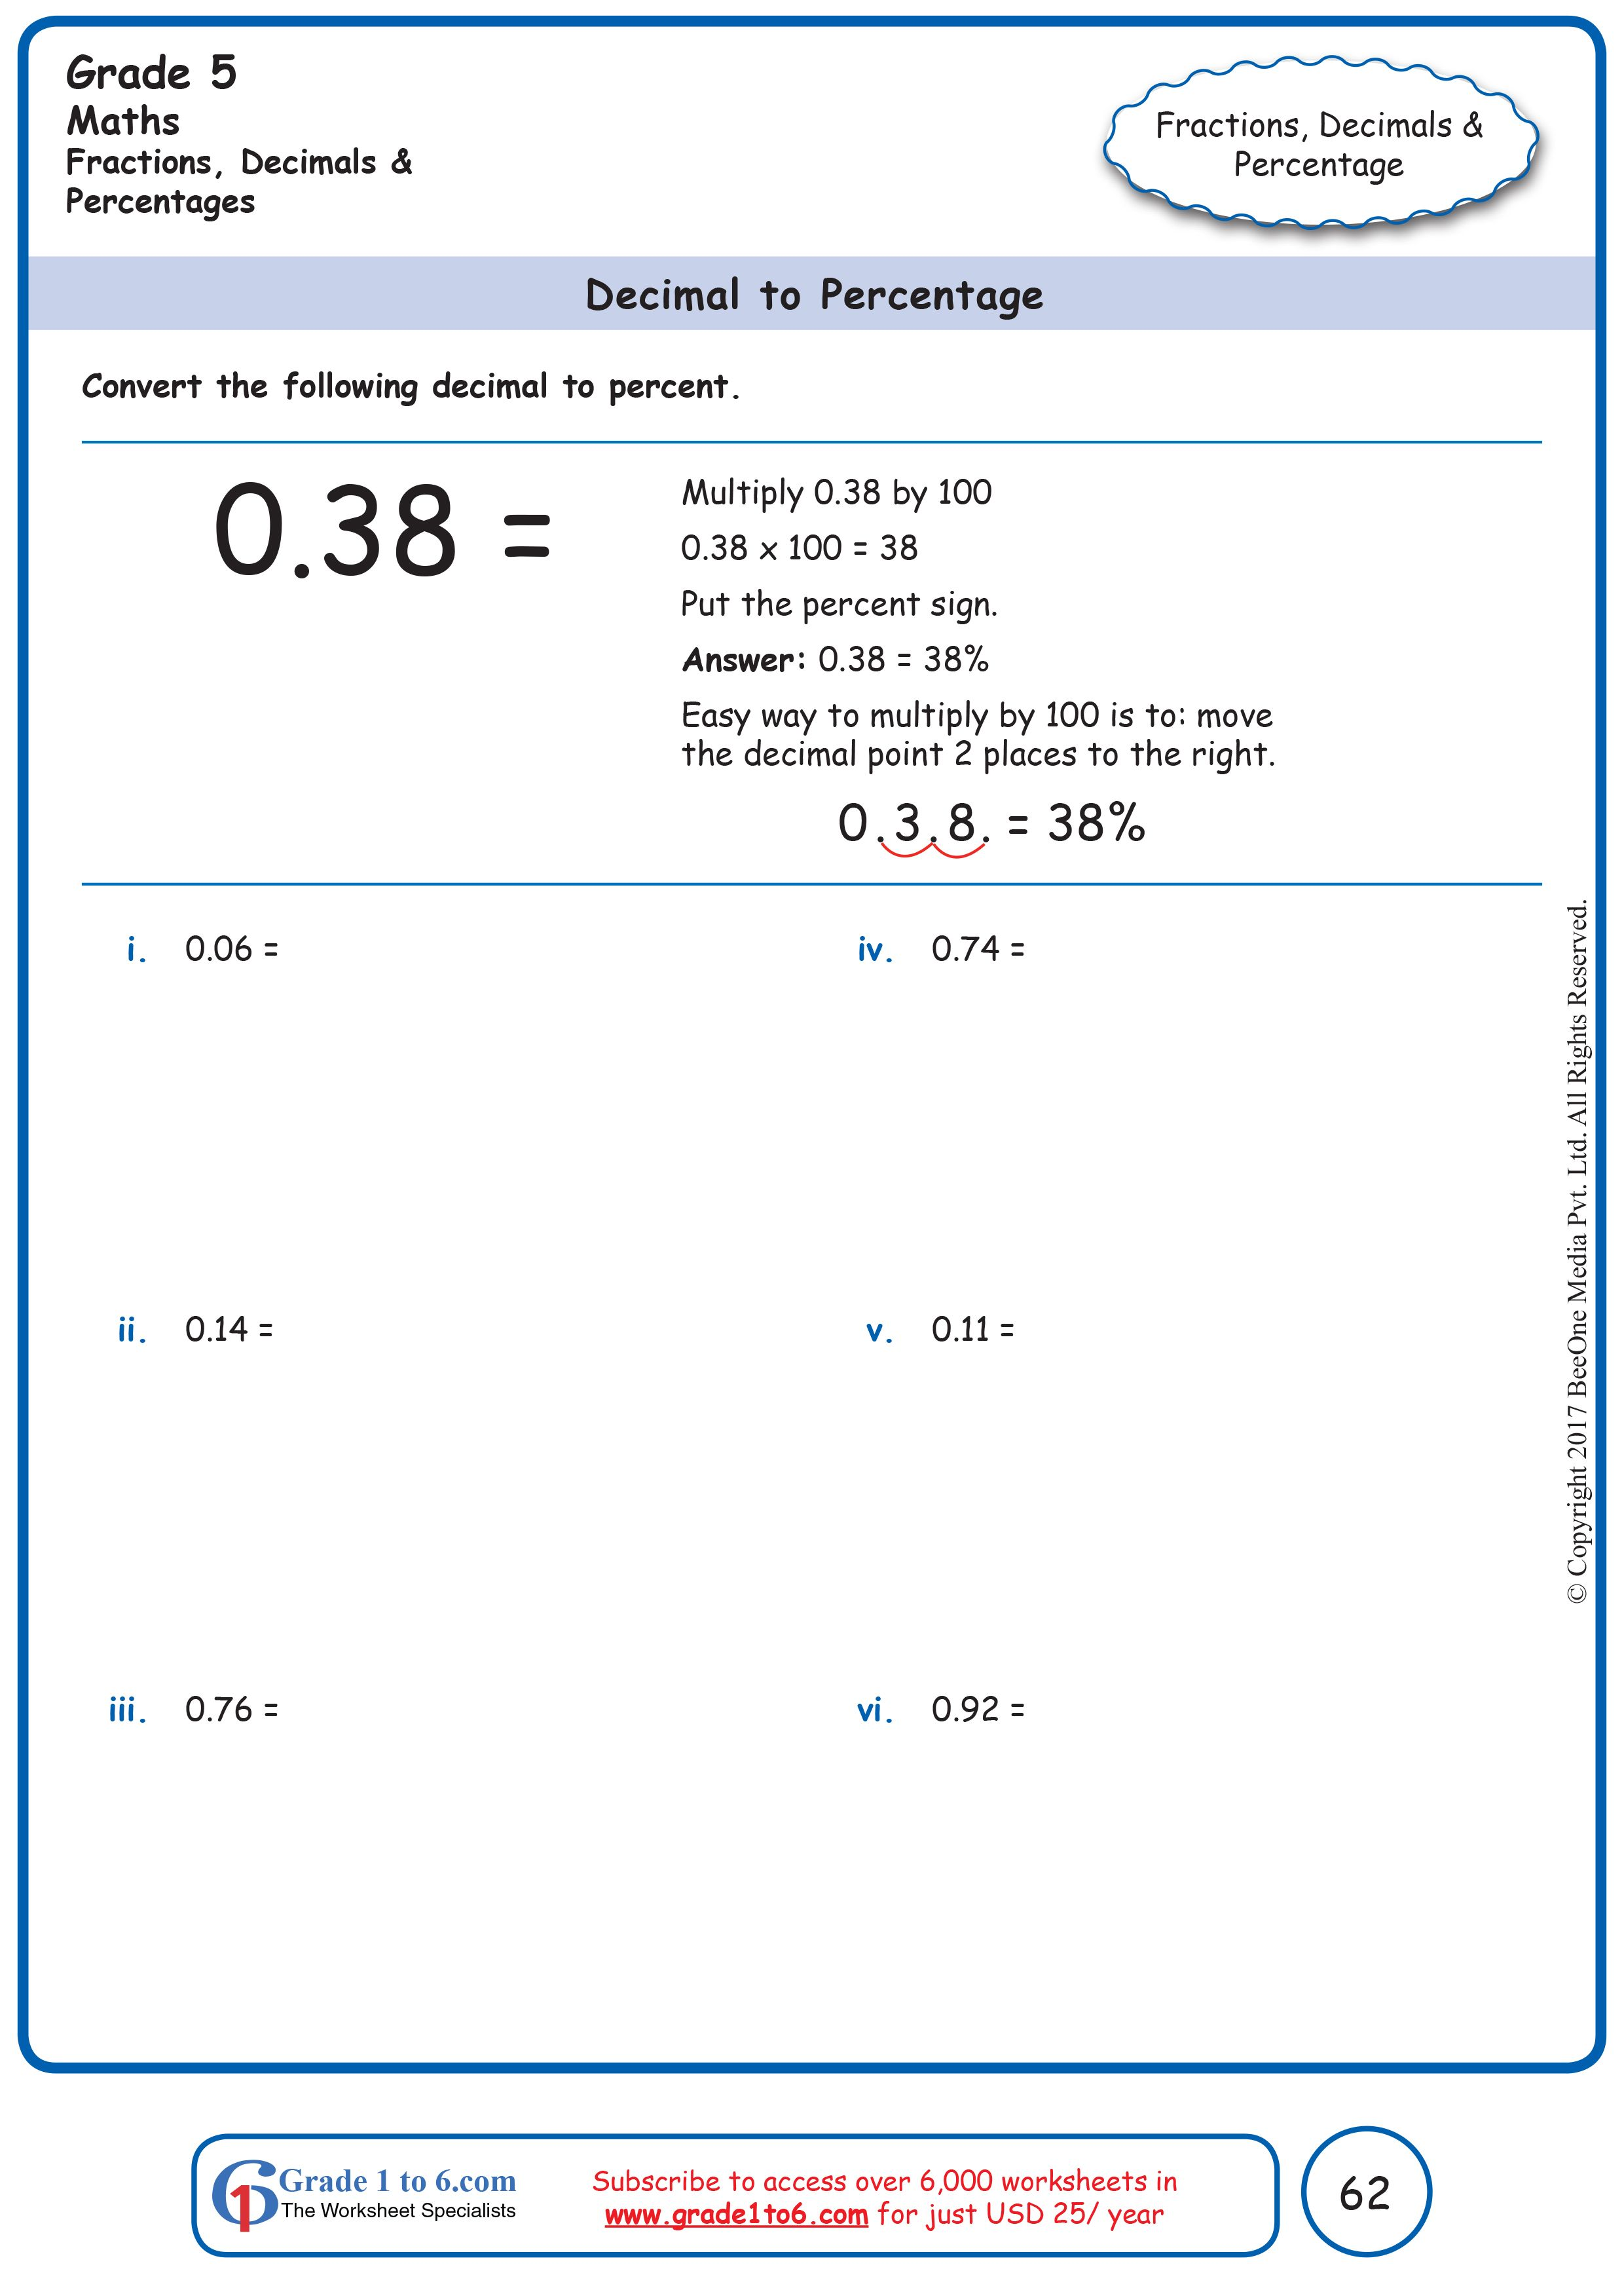 Science \u0026 Math Decimals Grade 6 Workbook Books elektroelement.com.mk [ 3464 x 2480 Pixel ]